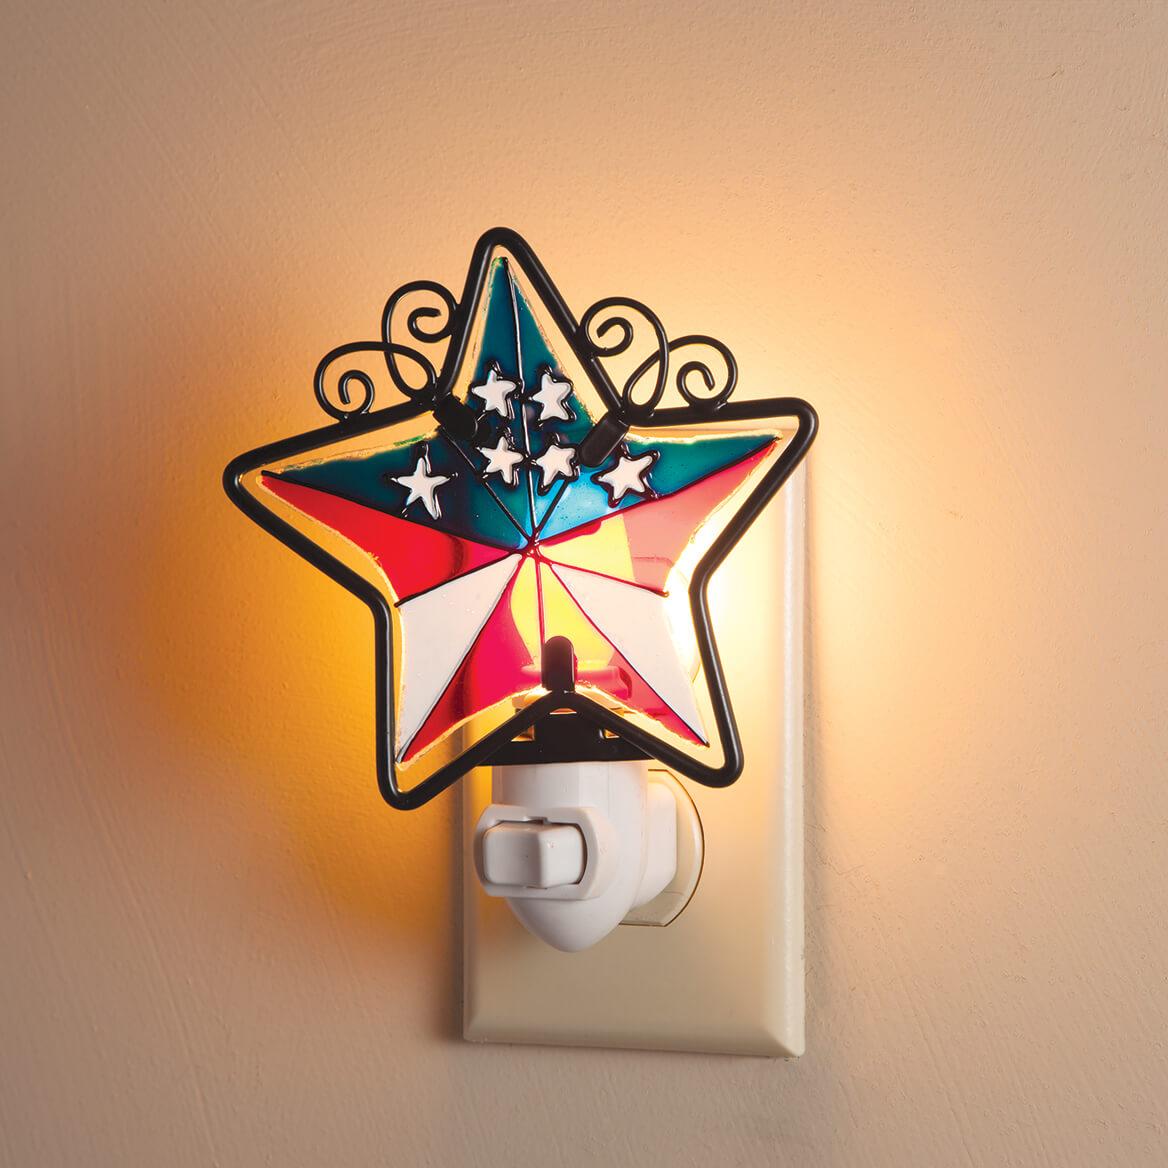 Patriotic Barn Star Night Light-362559